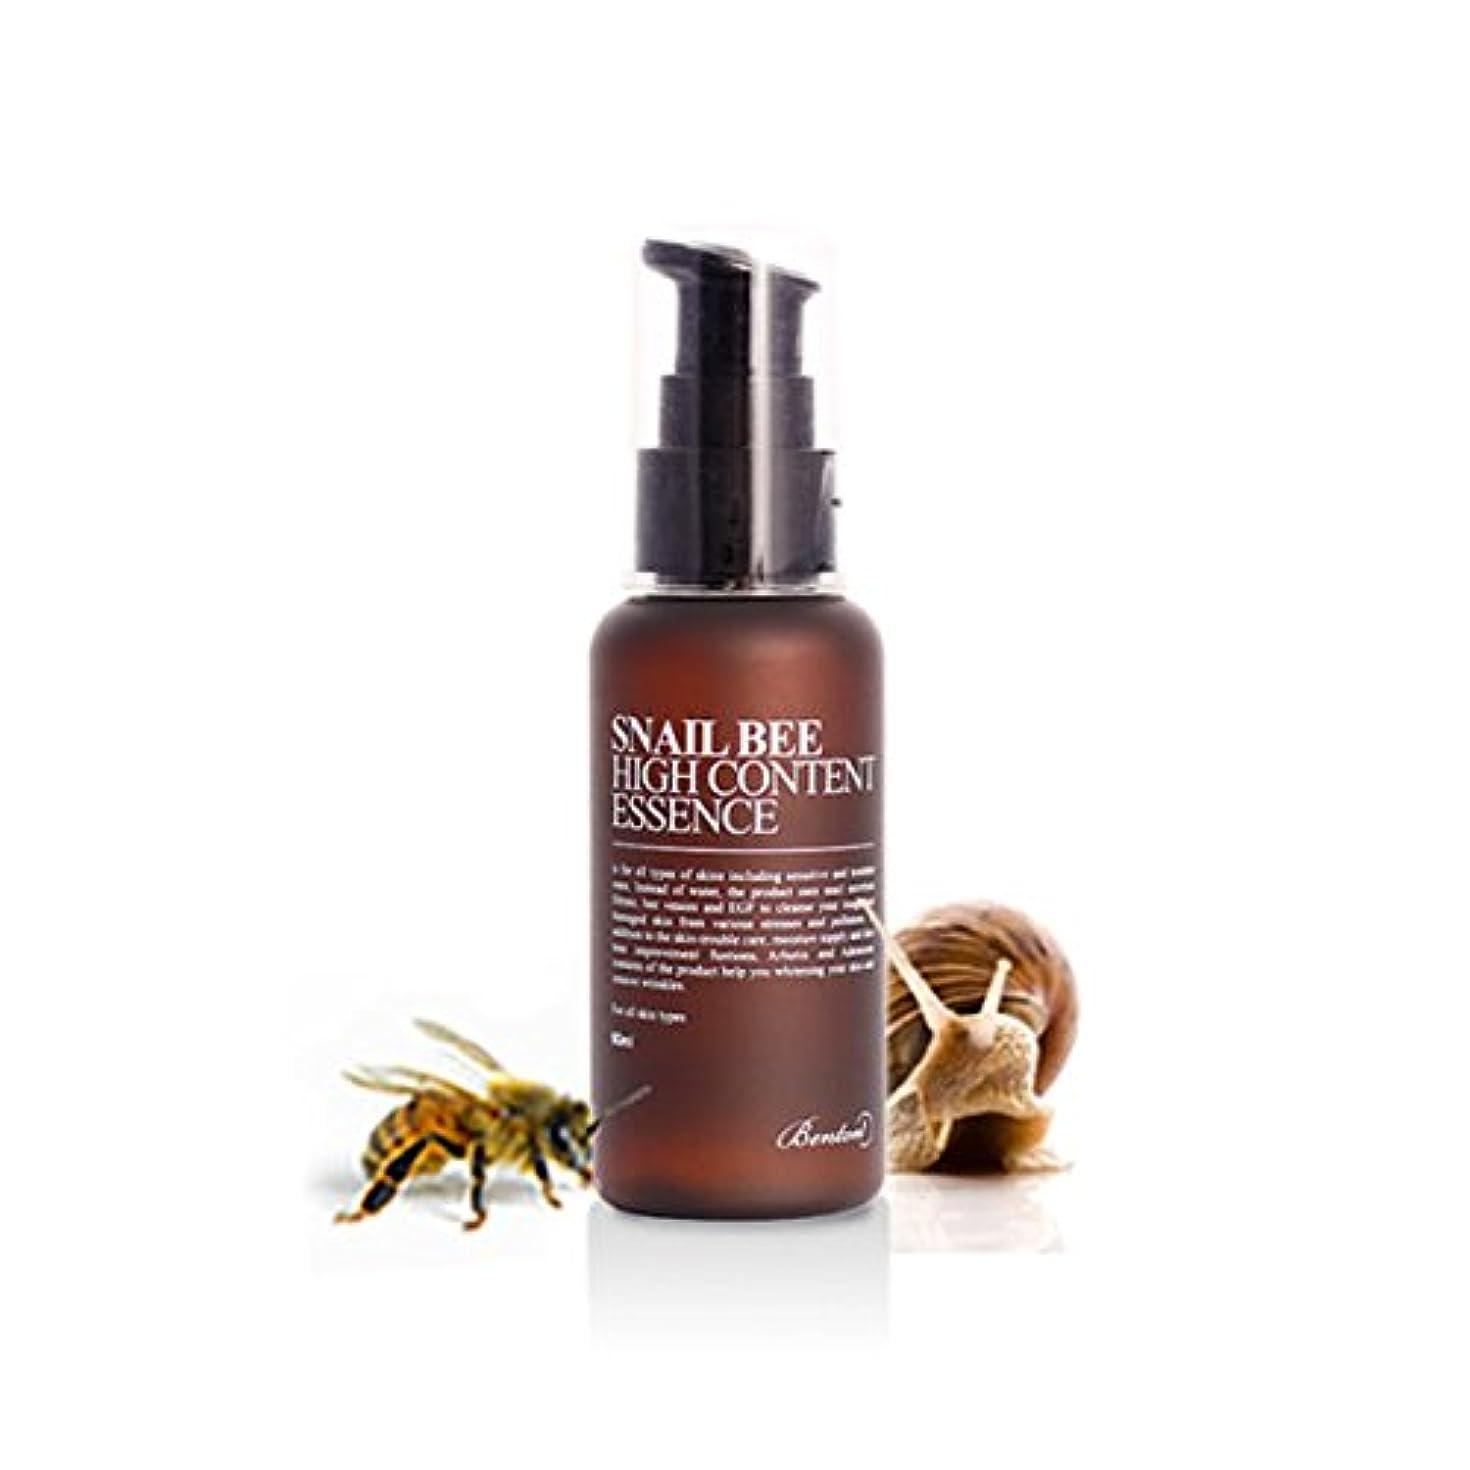 救い勢い古風な[ベントン] Benton カタツムリ蜂ハイコンテンツエッセンス Snail Bee High Content Essence 60ml [並行輸入品]